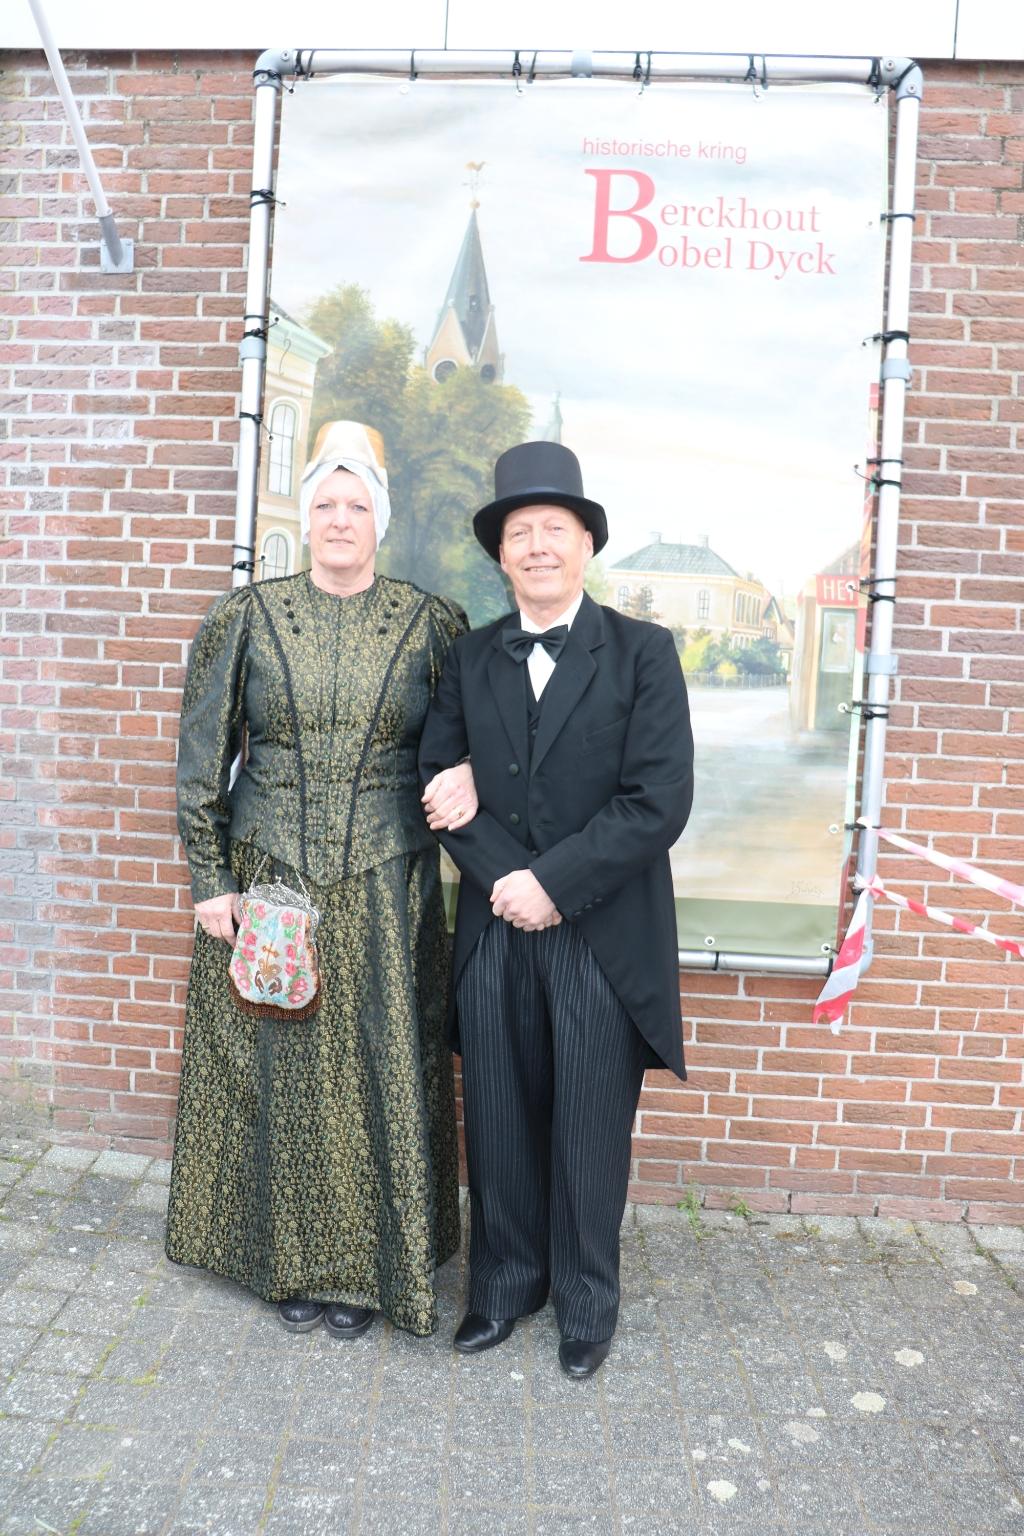 <p>Poseren in klederdracht voor het historische spandoek van de Kerkebuurt.</p> (Foto: Corrie Bos) © rodi